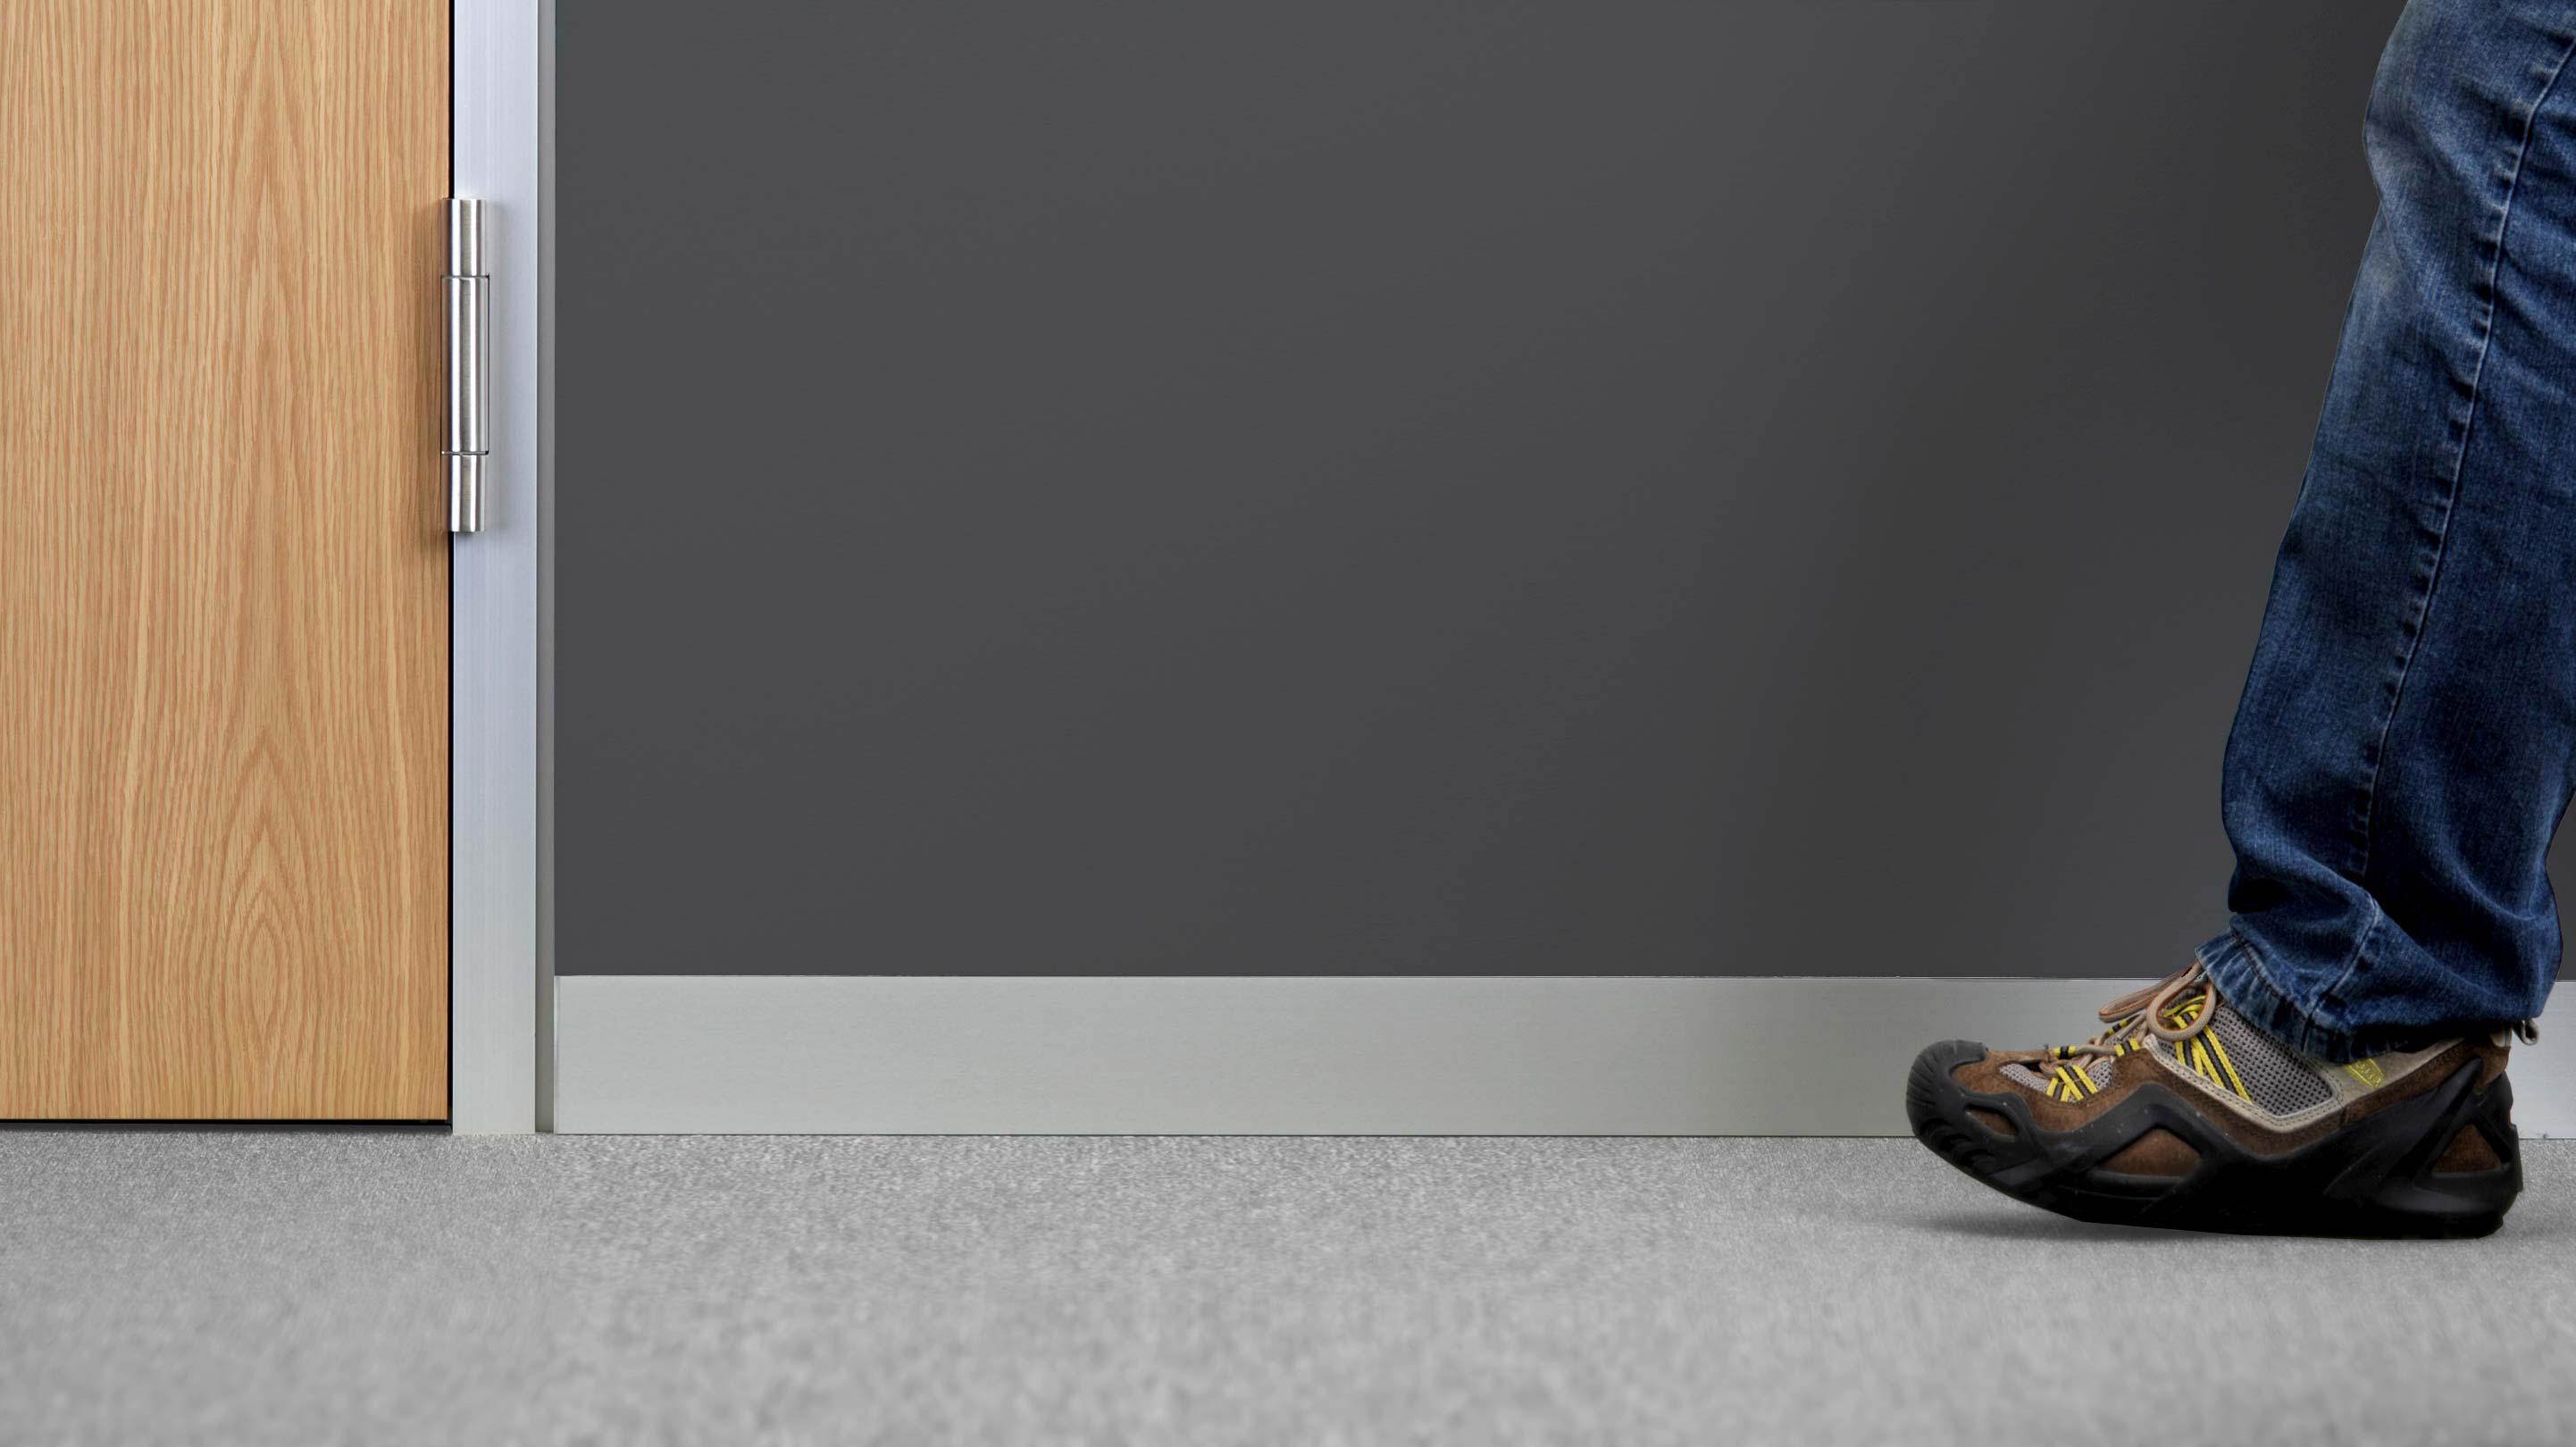 Sockelleiste mit Türblatt und Bein eines Menschen